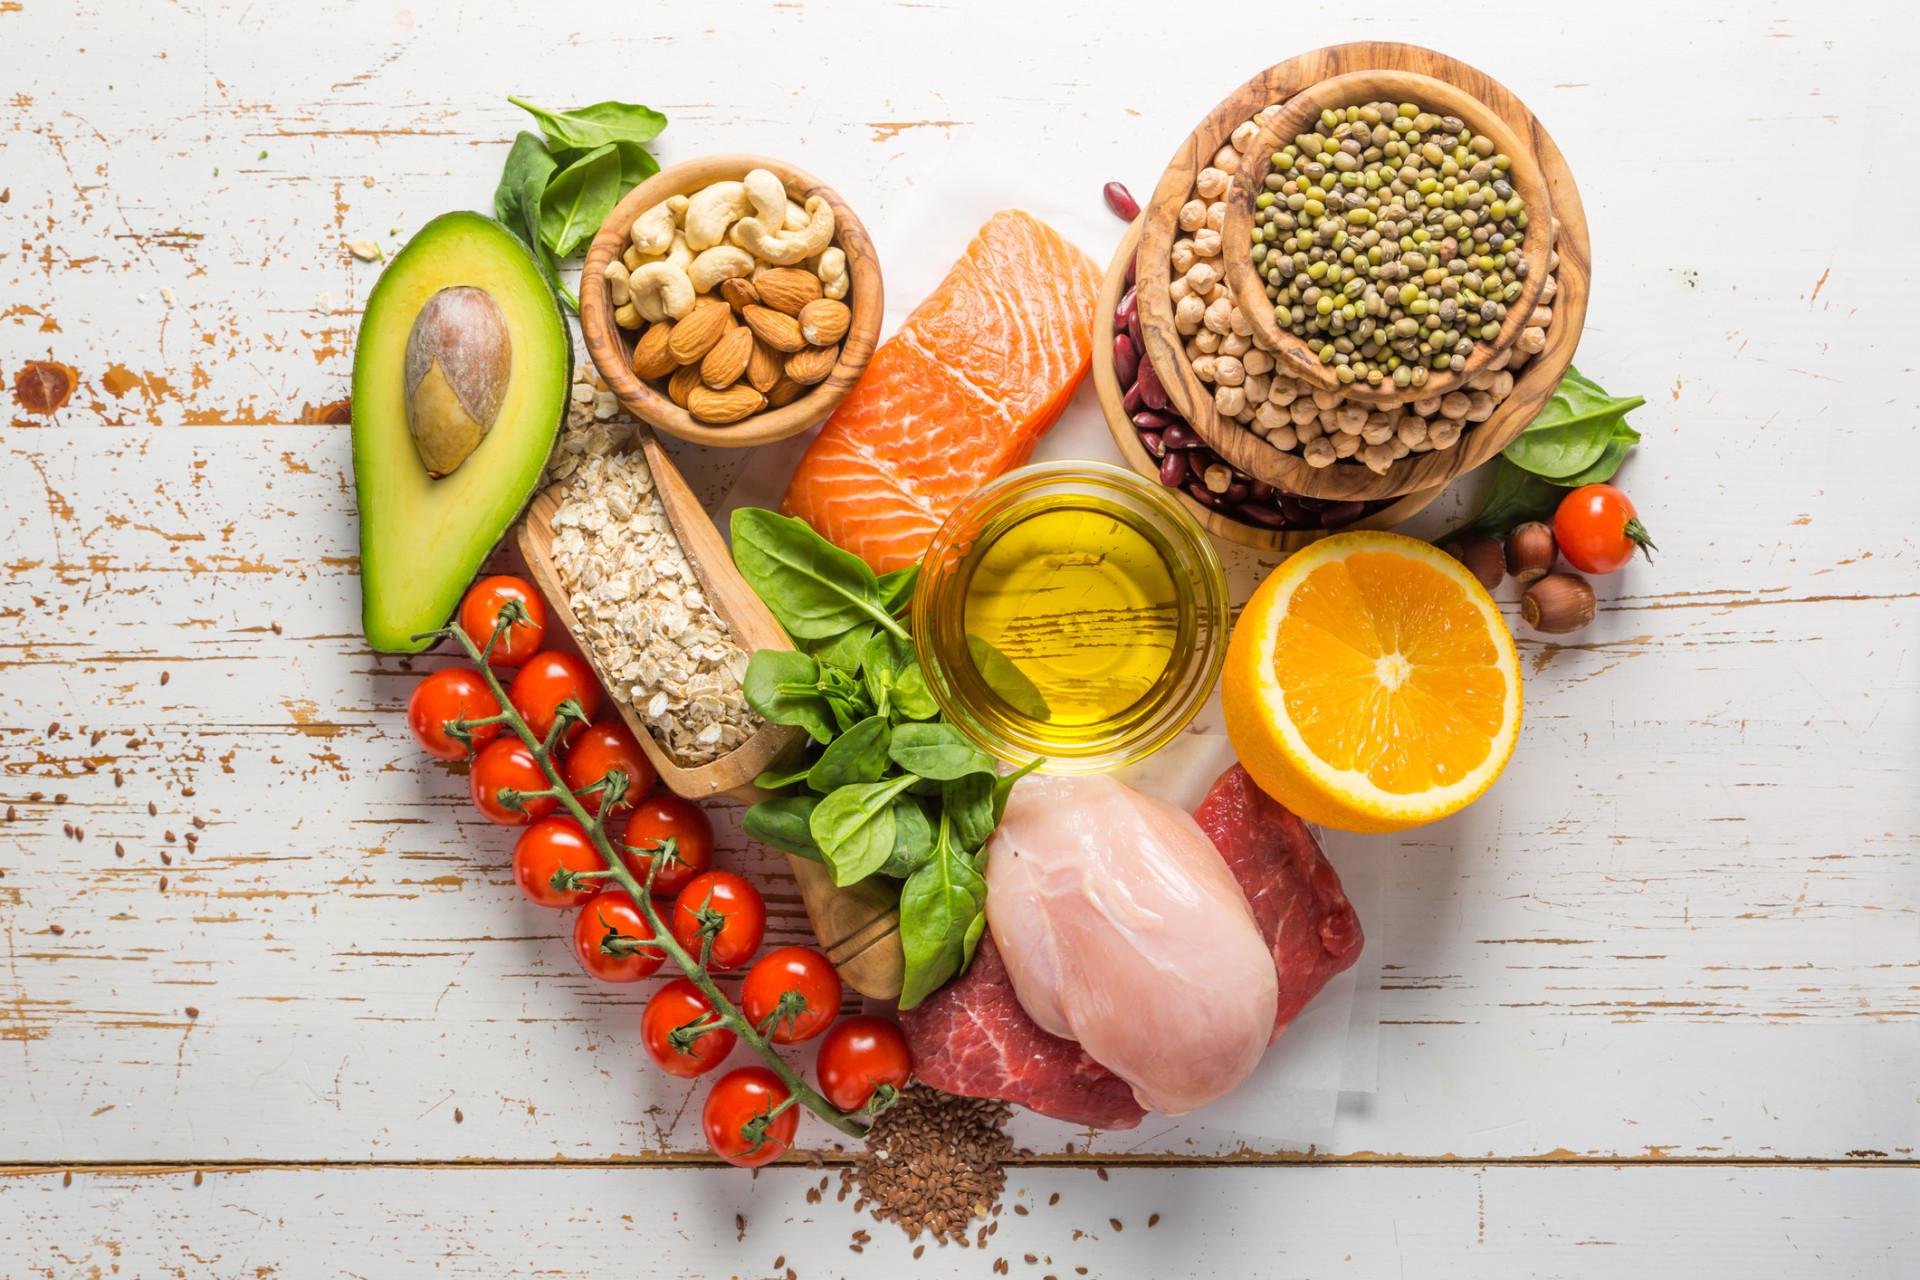 Os alimentos indispensáveis para quem pratica desporto